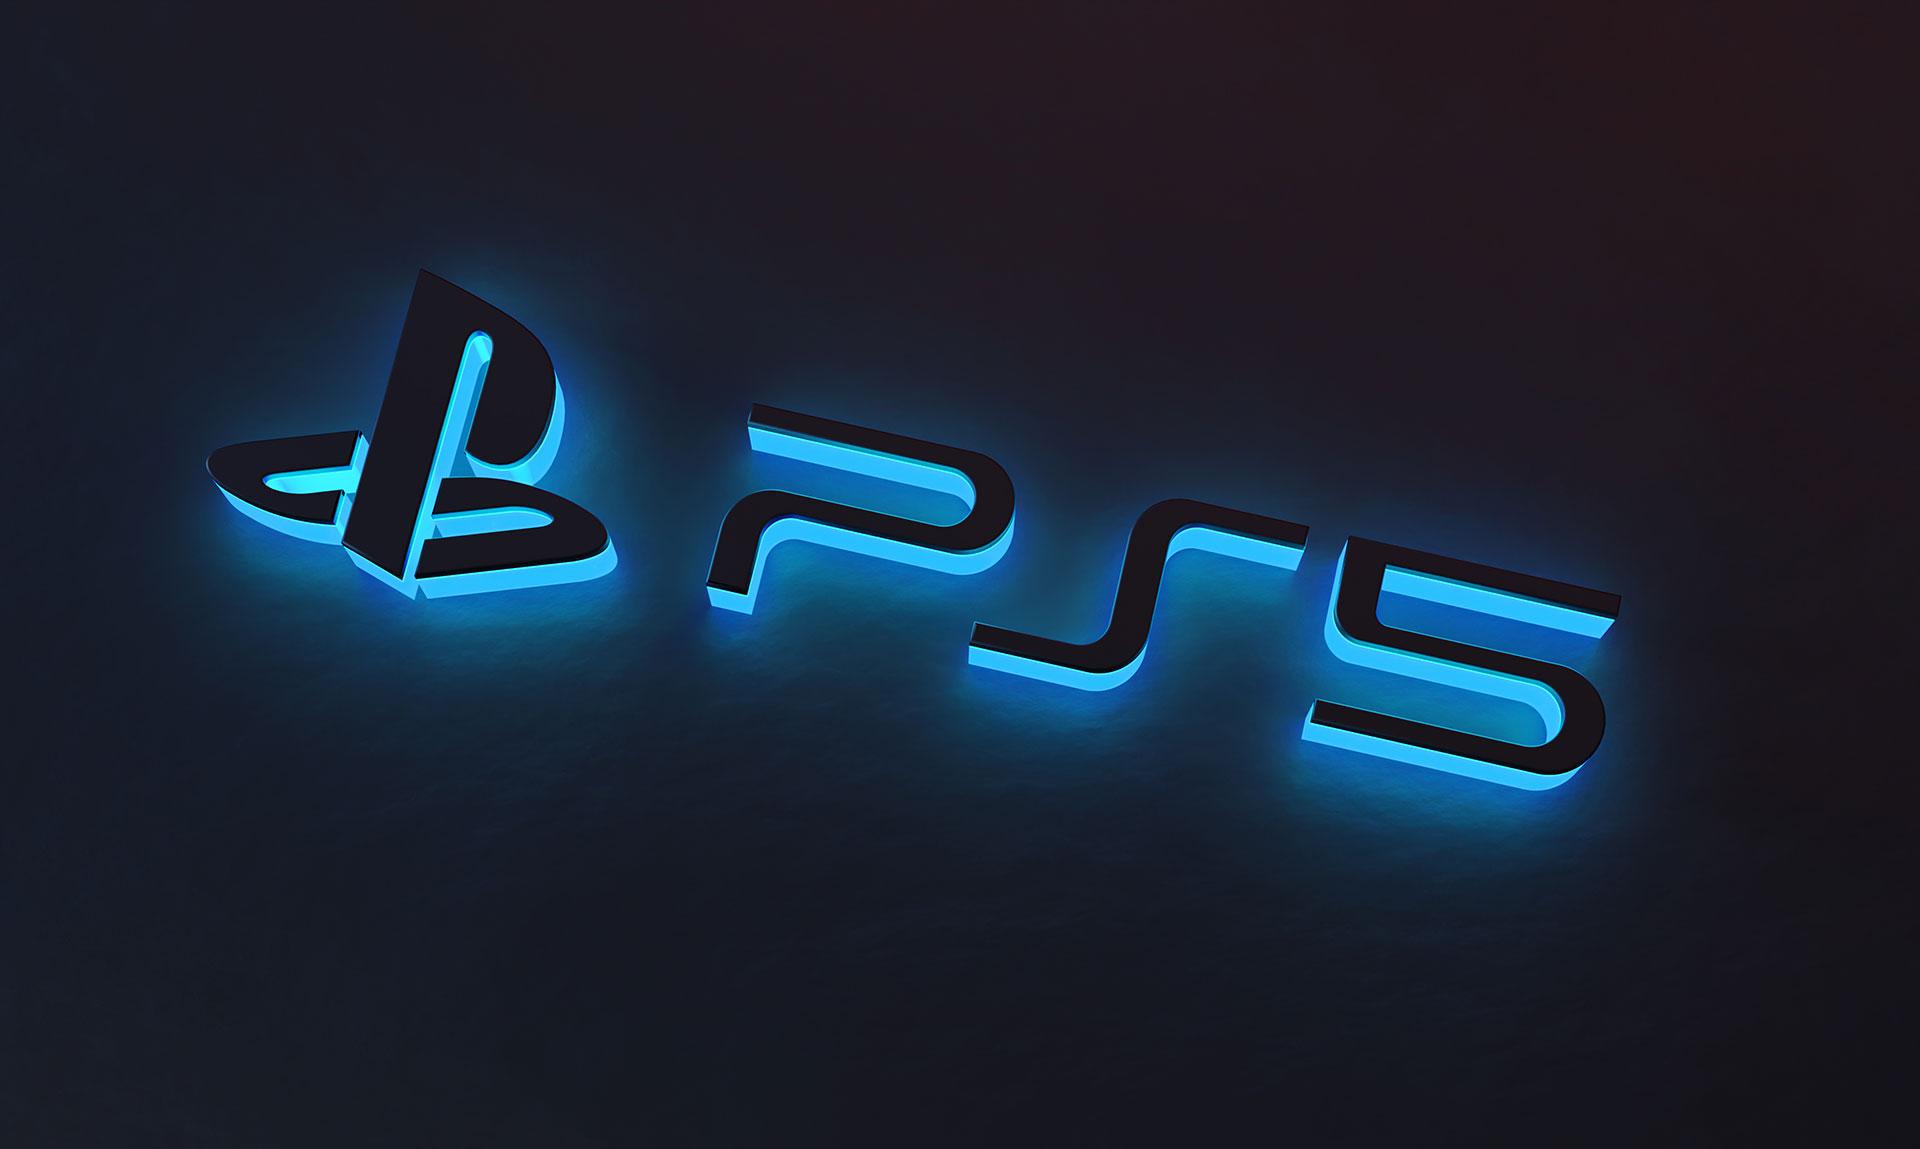 Premiera PlayStation 5 - co warto o niej wiedzieć?